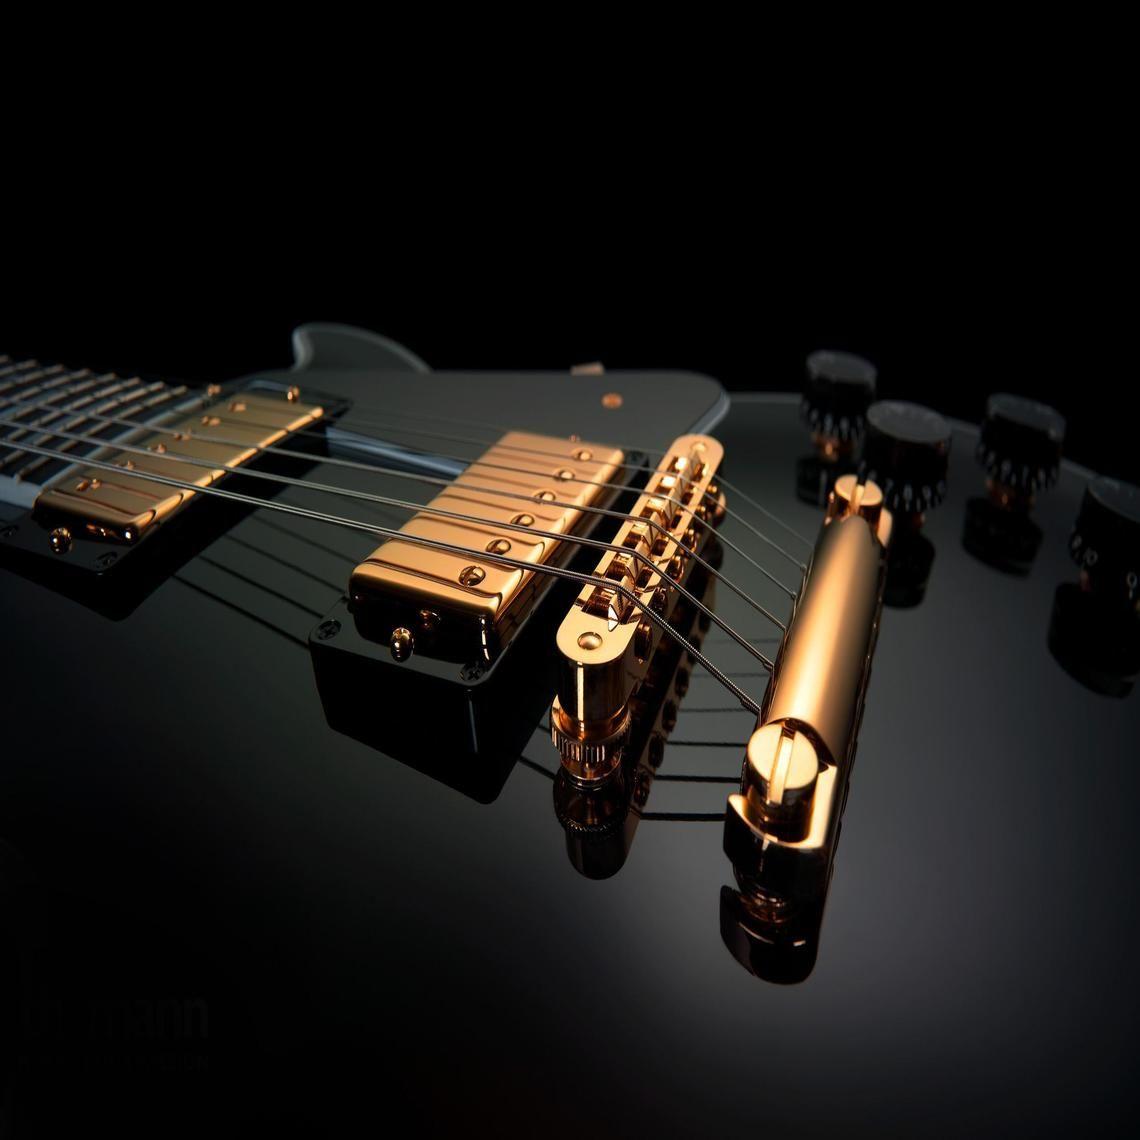 ELECTRIC GUITAR Elektrische gitaar, Bureaublad